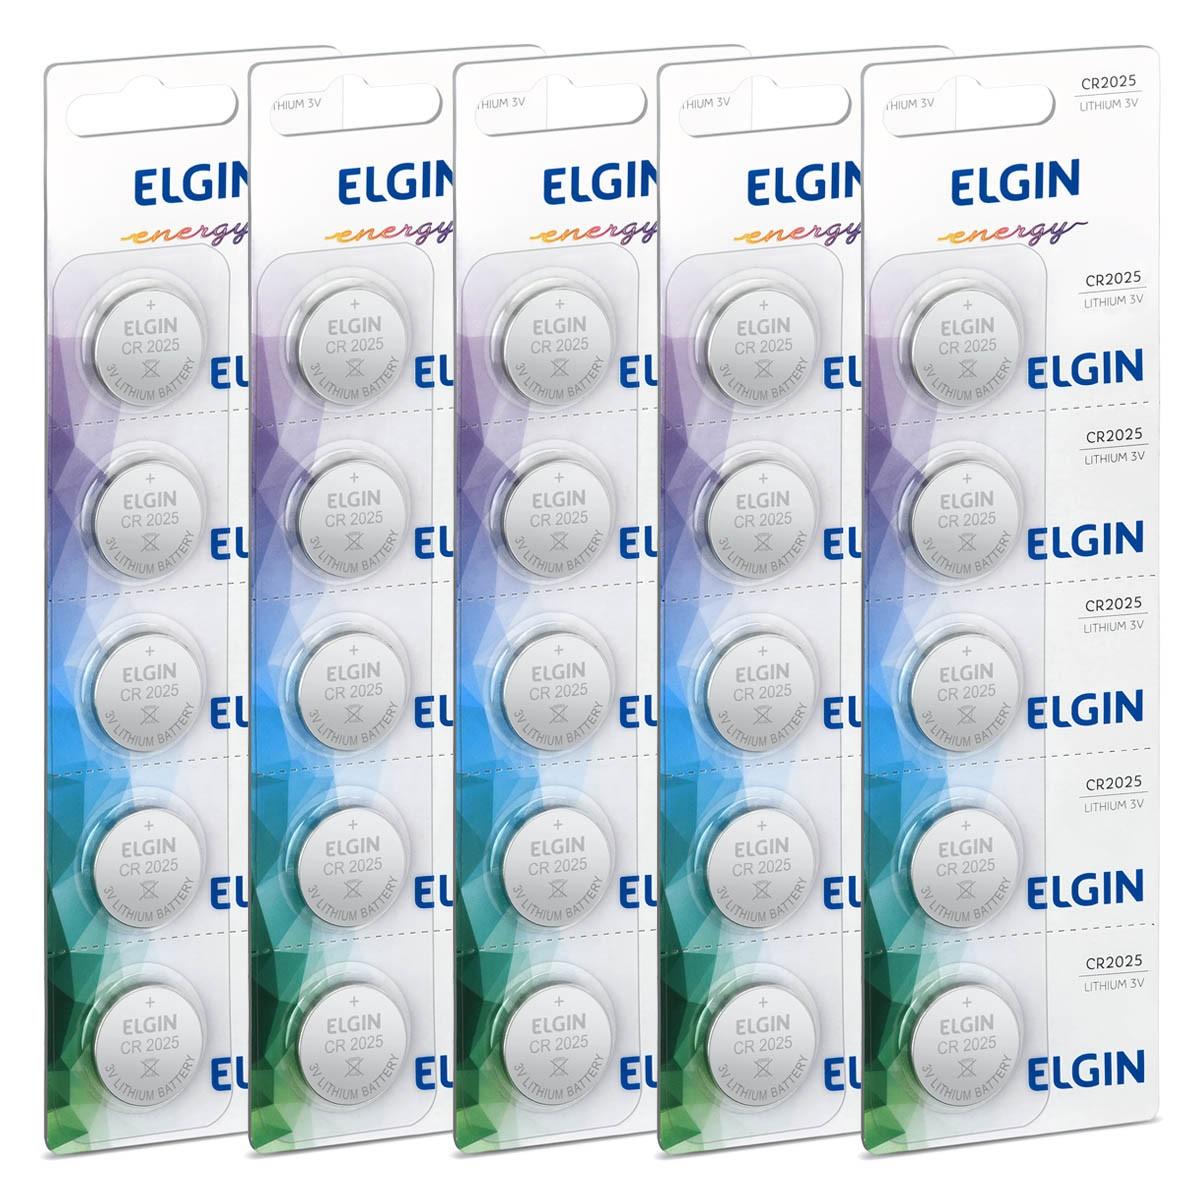 25 Baterias Pilhas 3V Elgin CR2025 5 cartelas